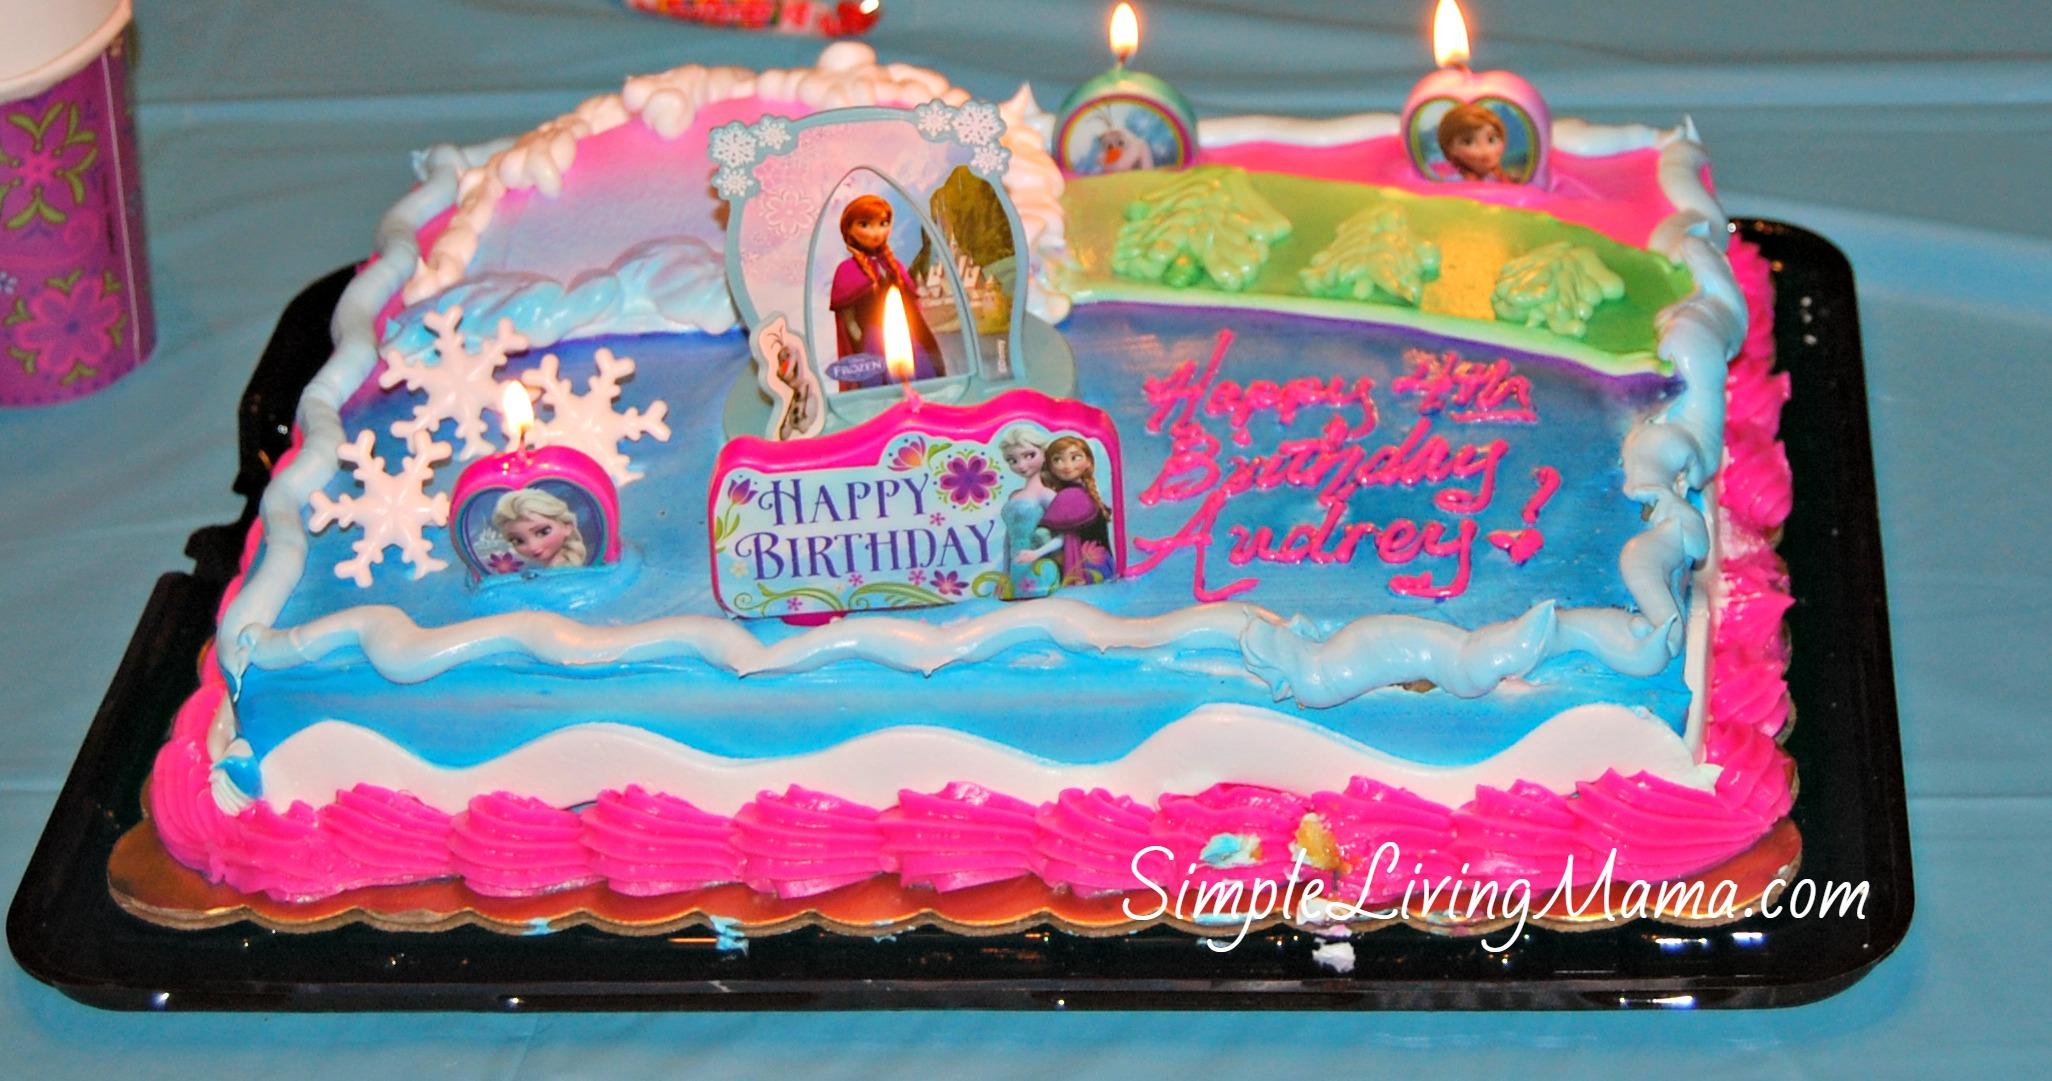 91+ Kroger Birthday Cake Catalog - Kroger Cakes Prices Models How To ...